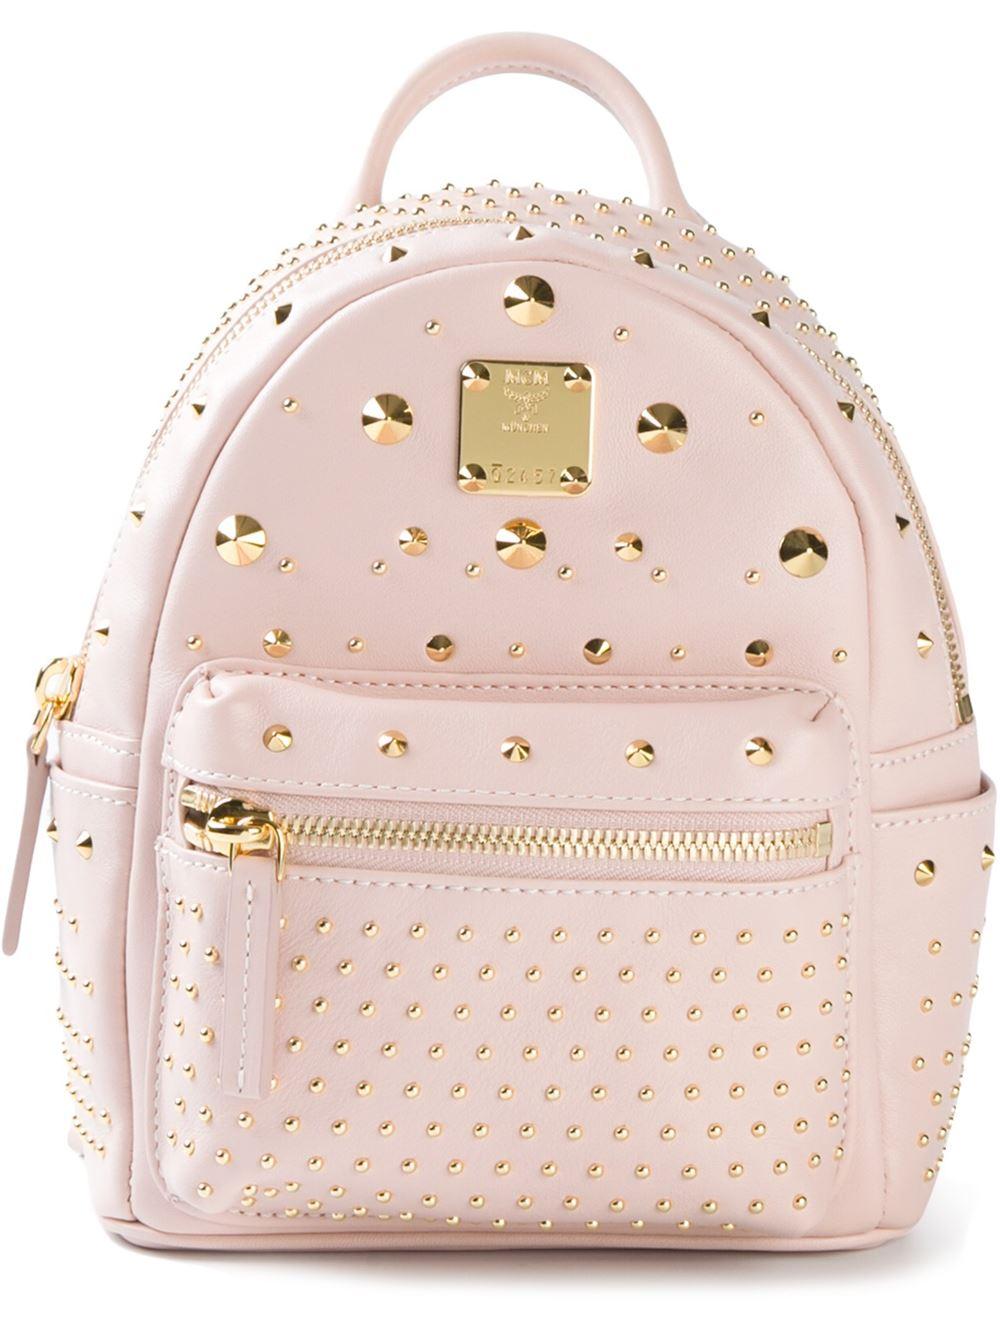 Mcm Mini 'Bebe Boo' Backpack in Pink   Lyst